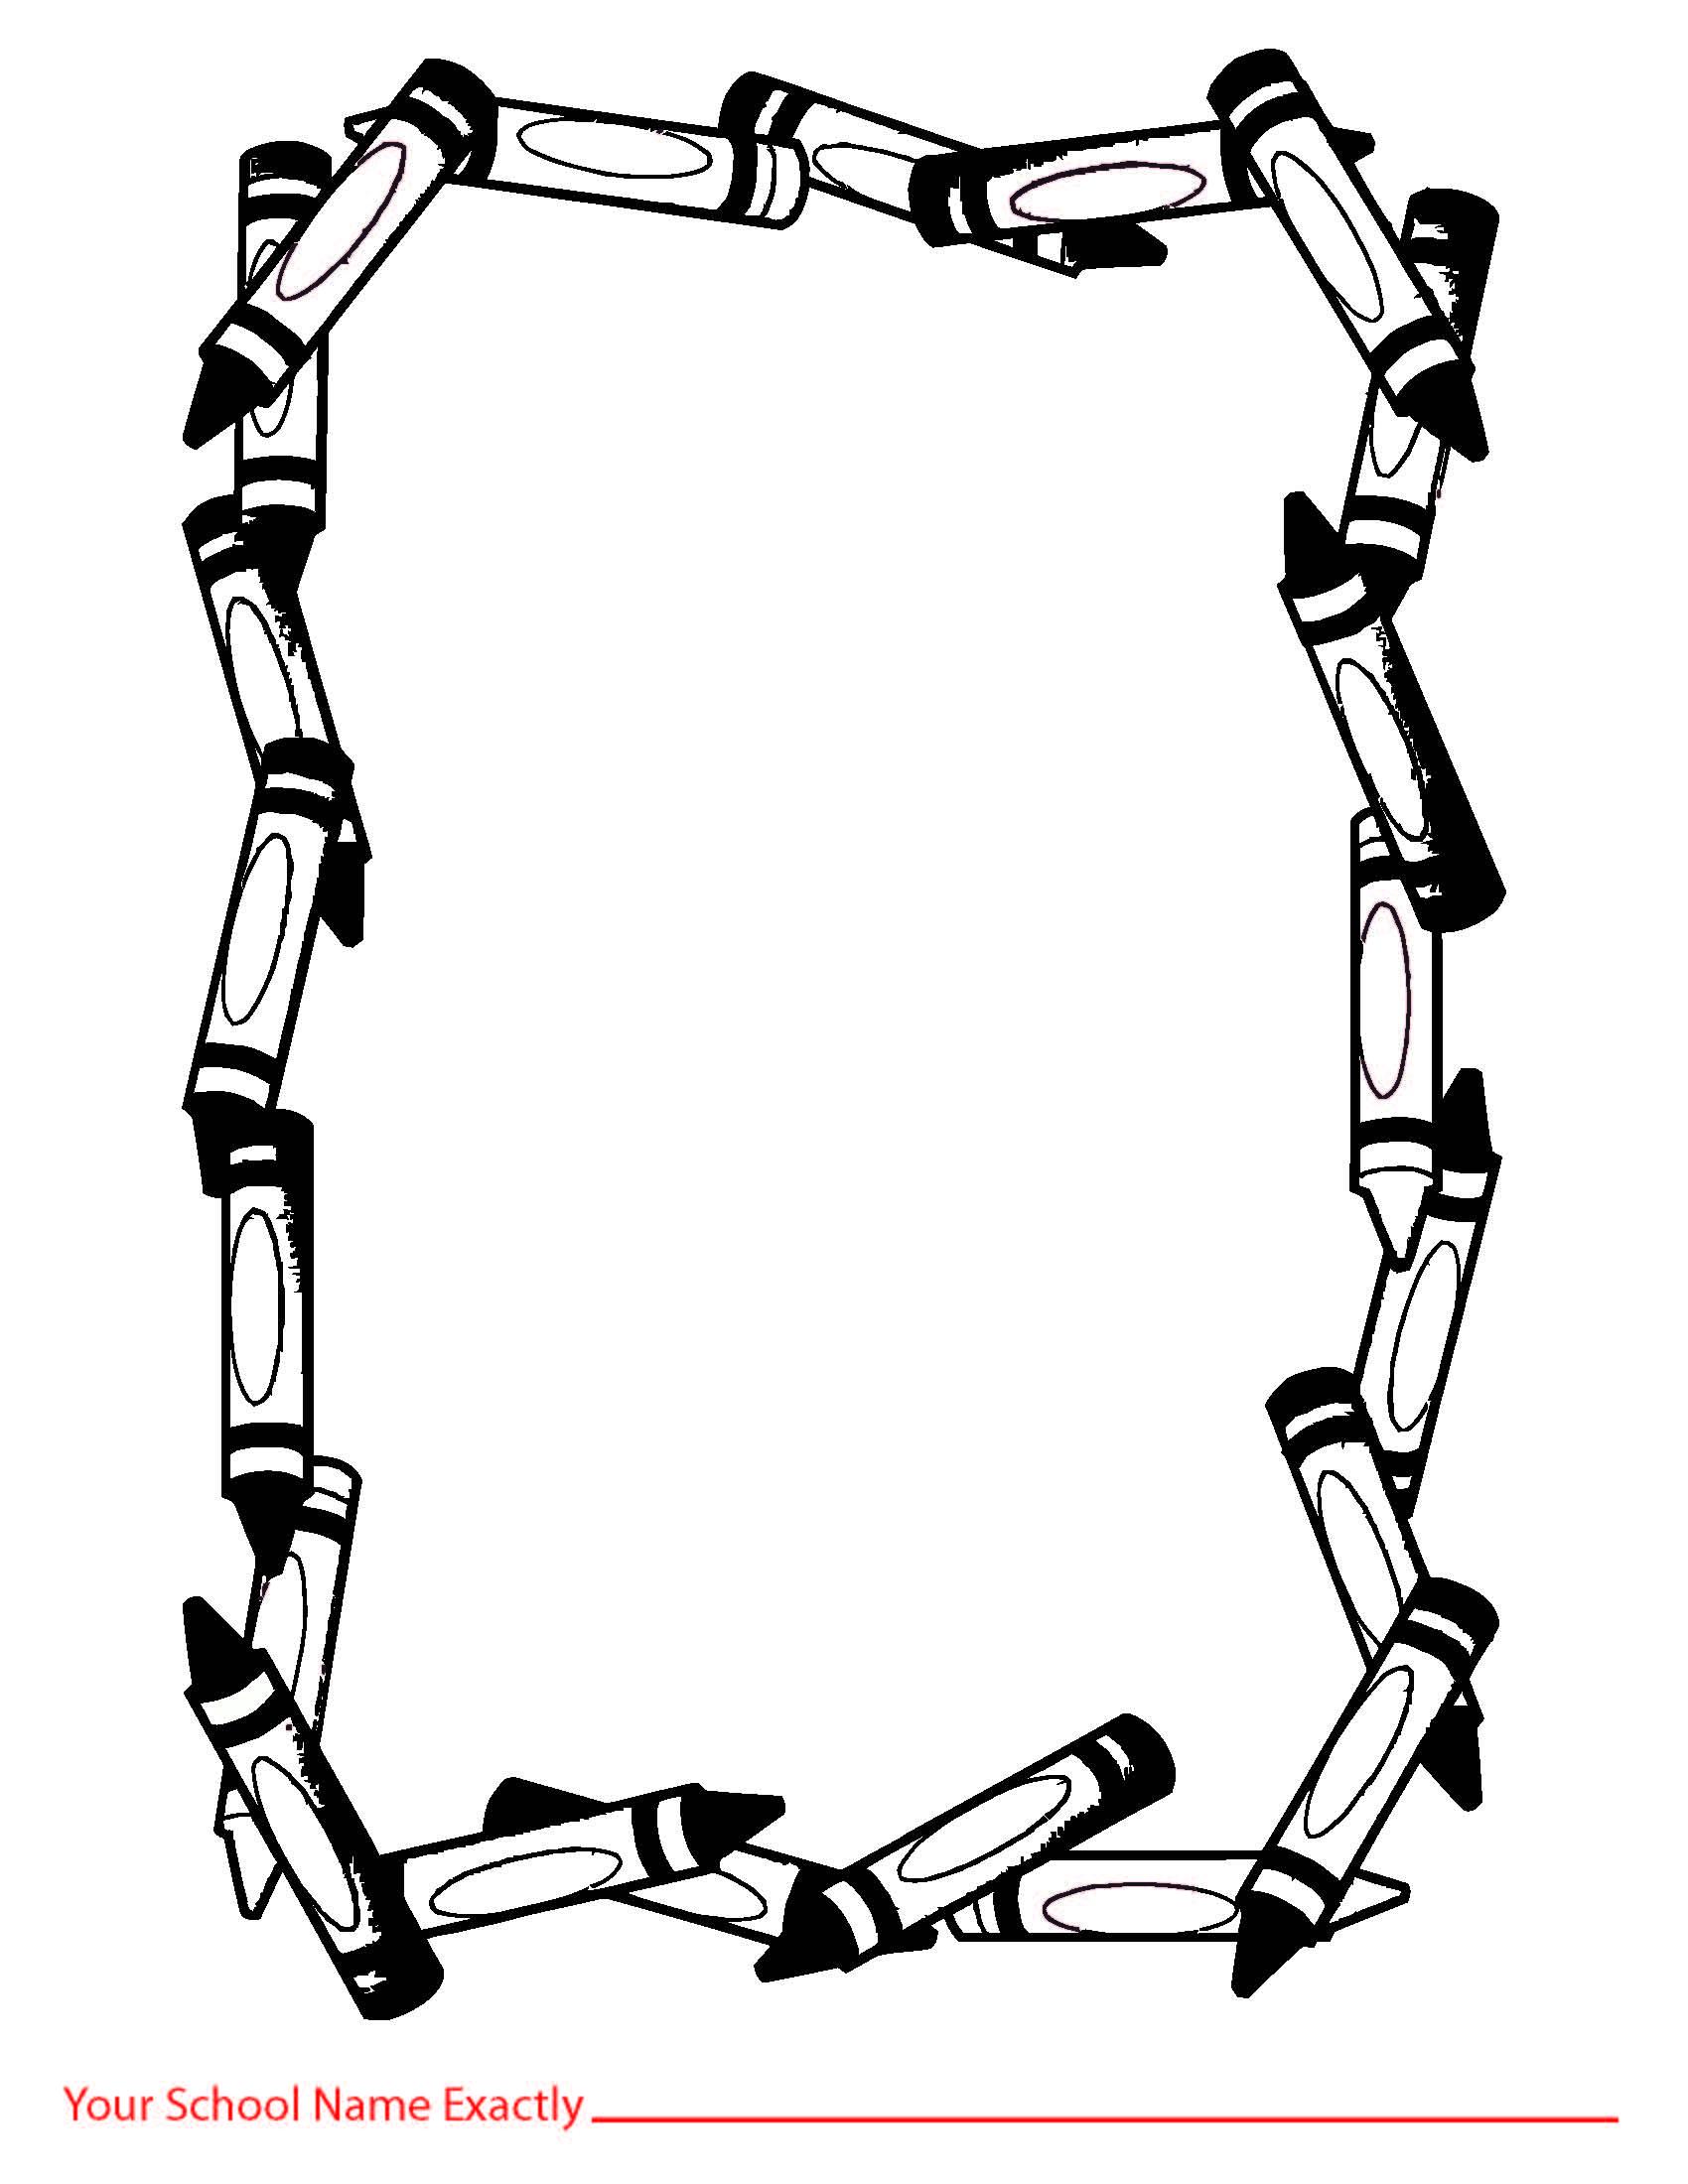 Crayon Border Clip Art - Cliparts.co